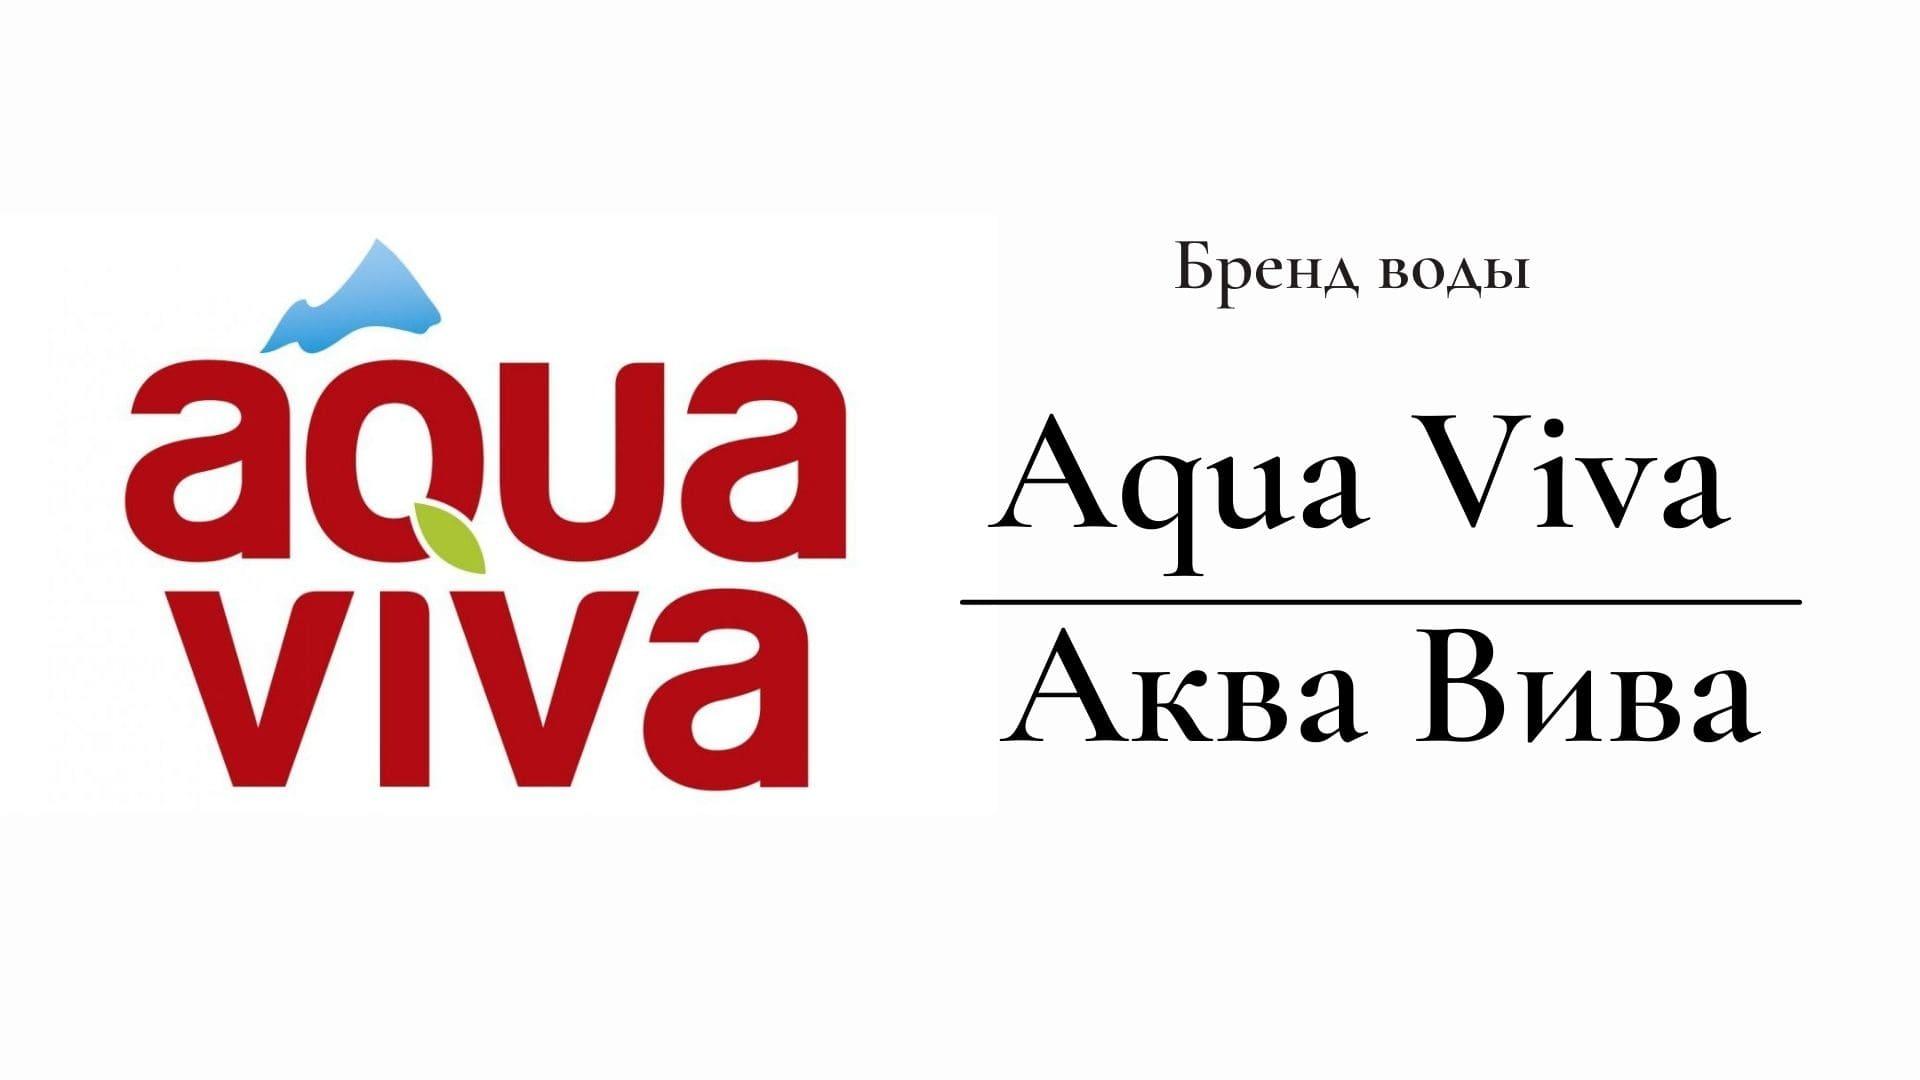 Бренд Аква Вива логотип